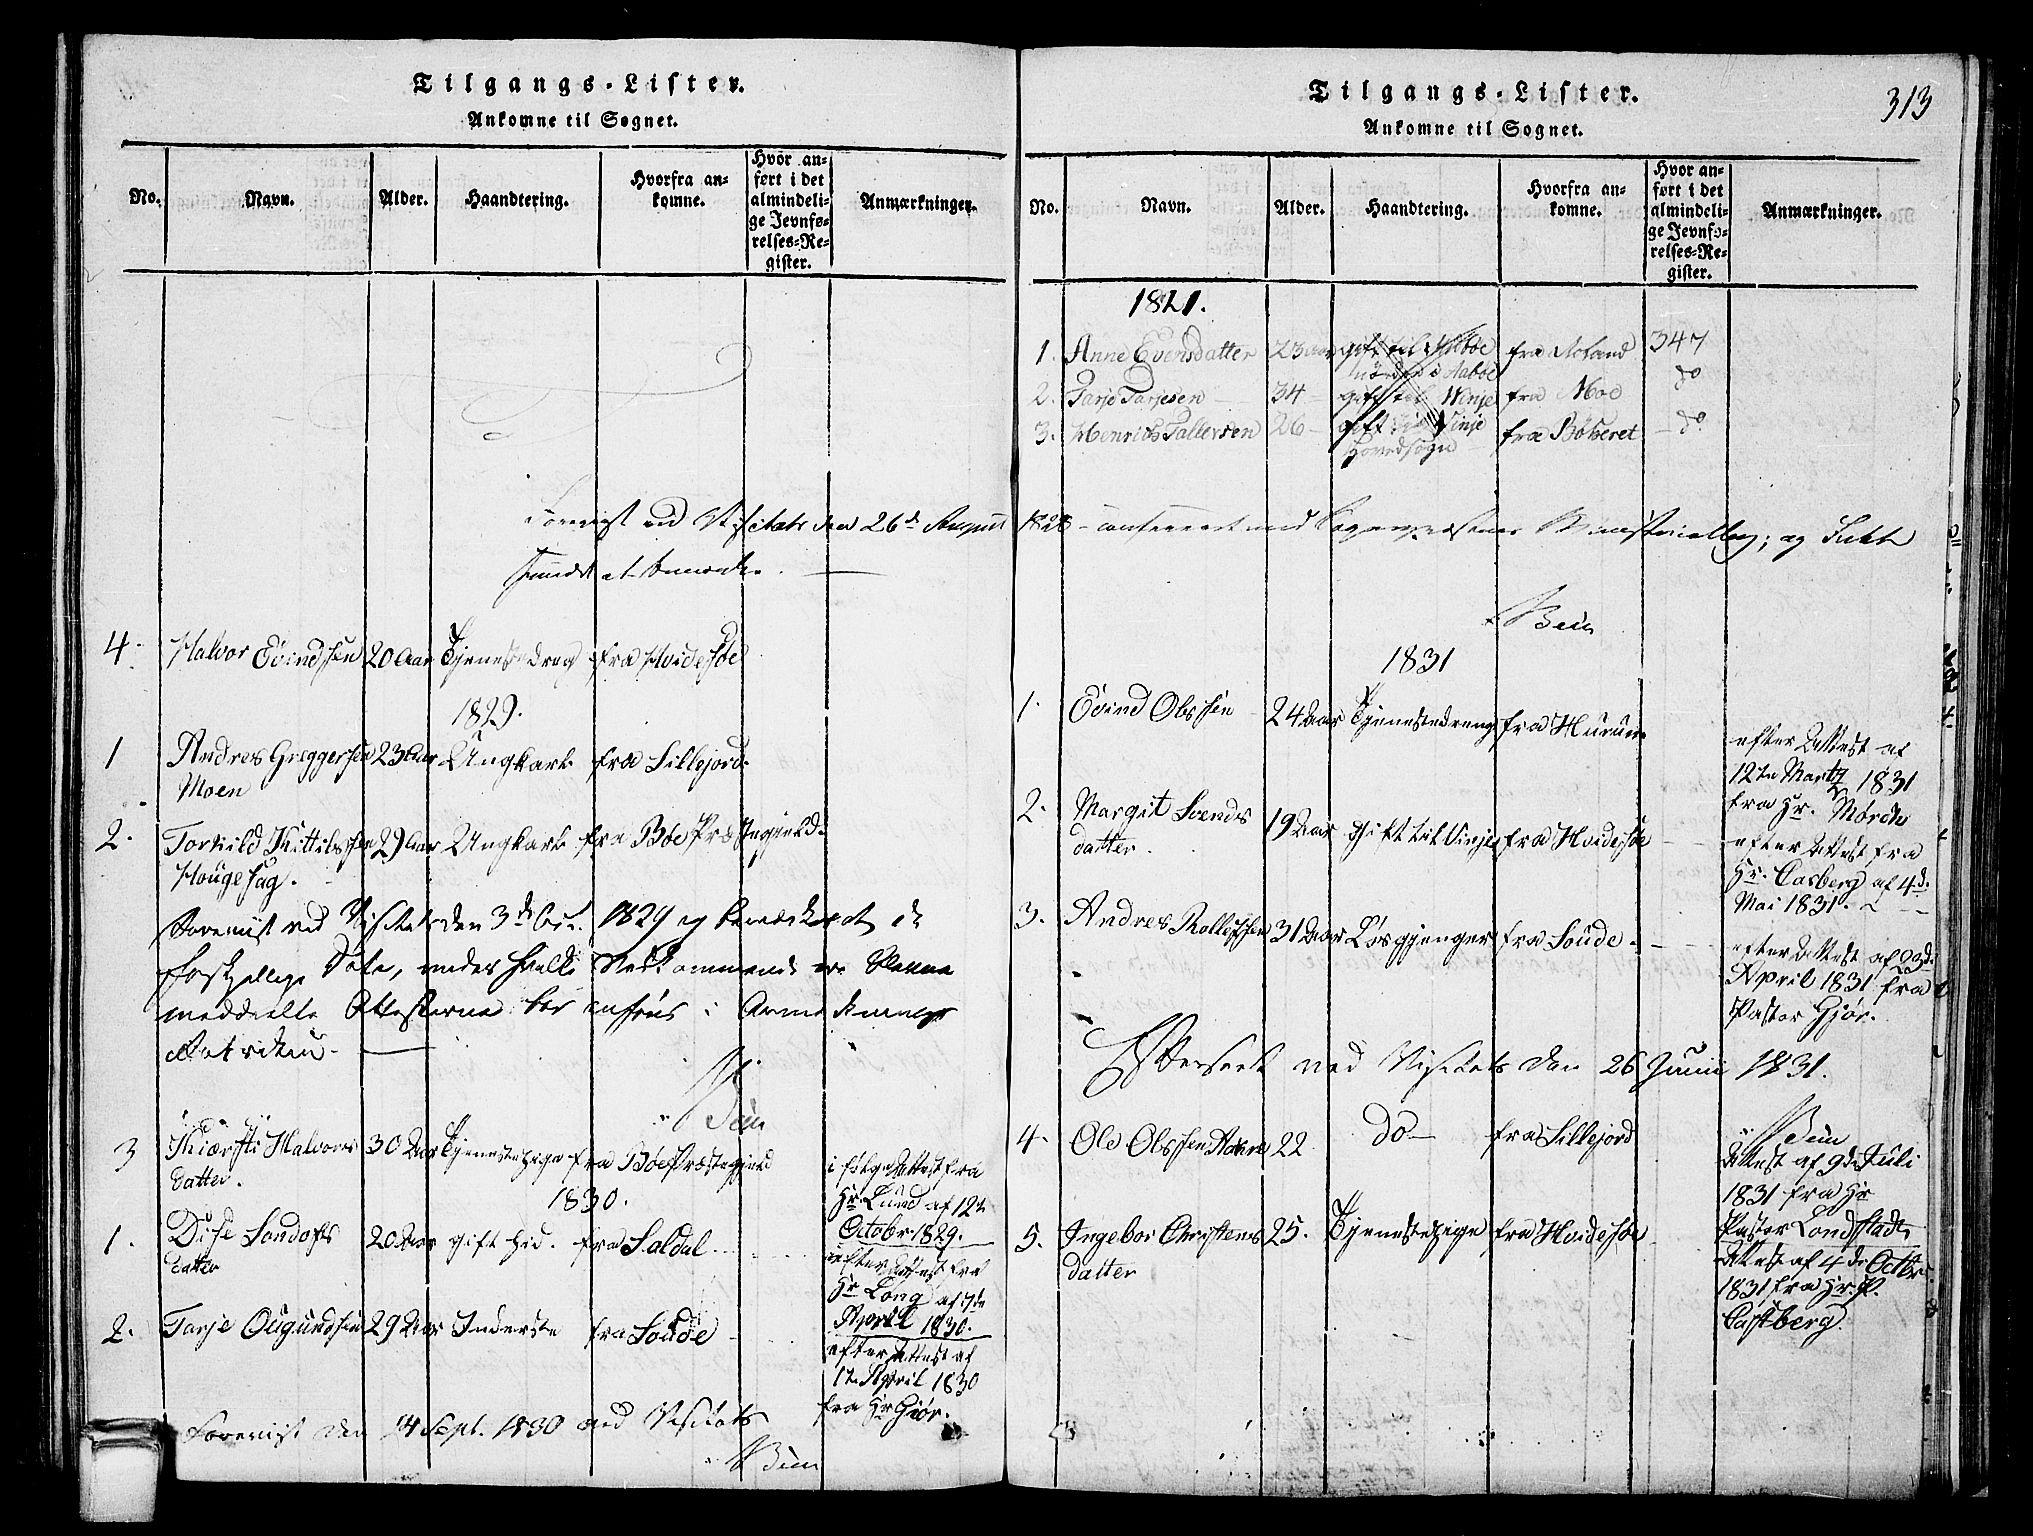 SAKO, Vinje kirkebøker, G/Ga/L0001: Klokkerbok nr. I 1, 1814-1843, s. 313